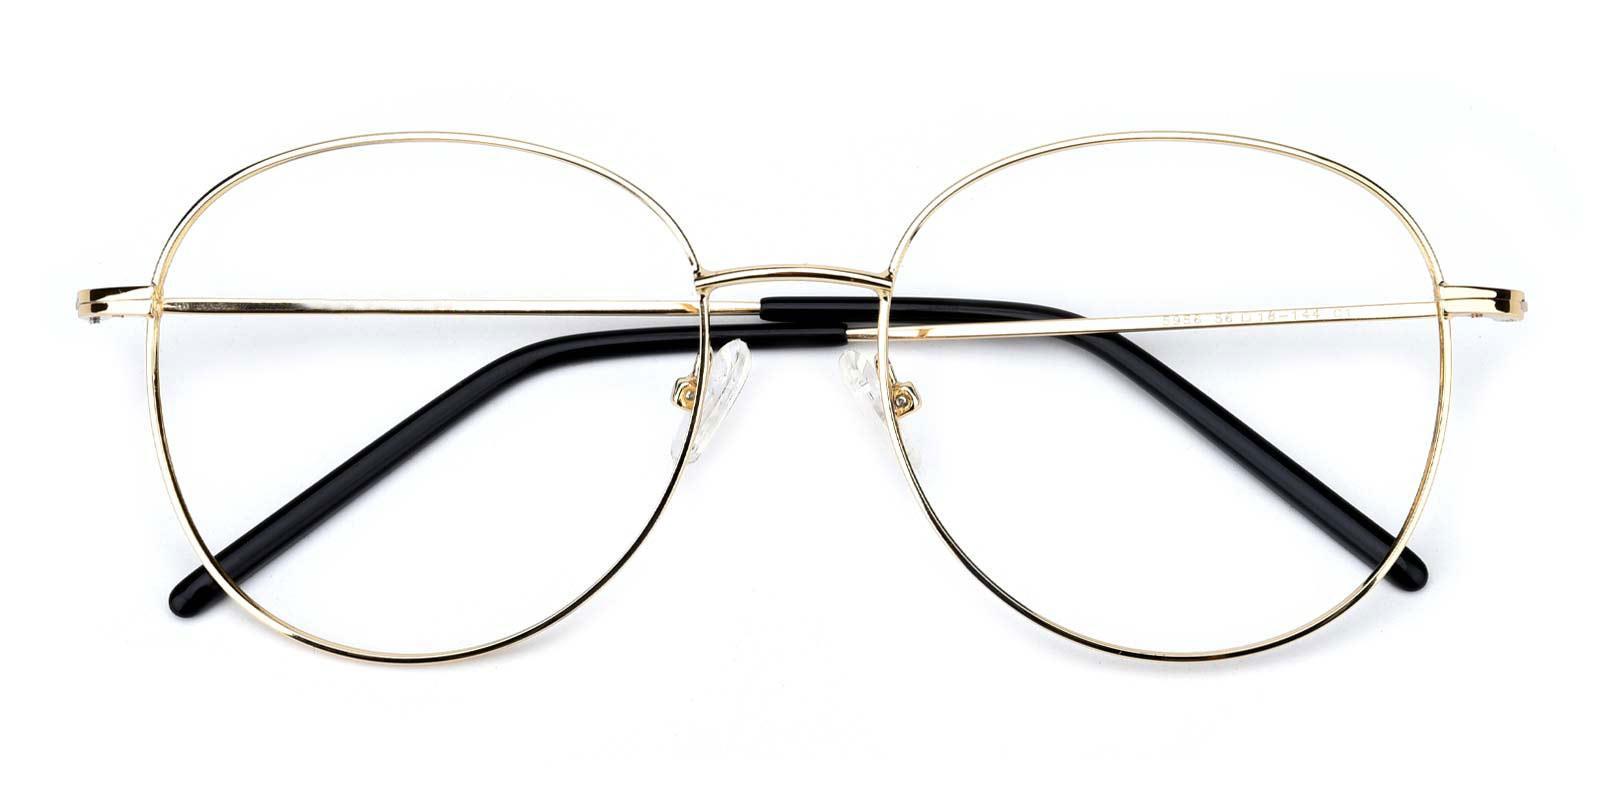 Damla-Gold-Round-Metal-Eyeglasses-detail